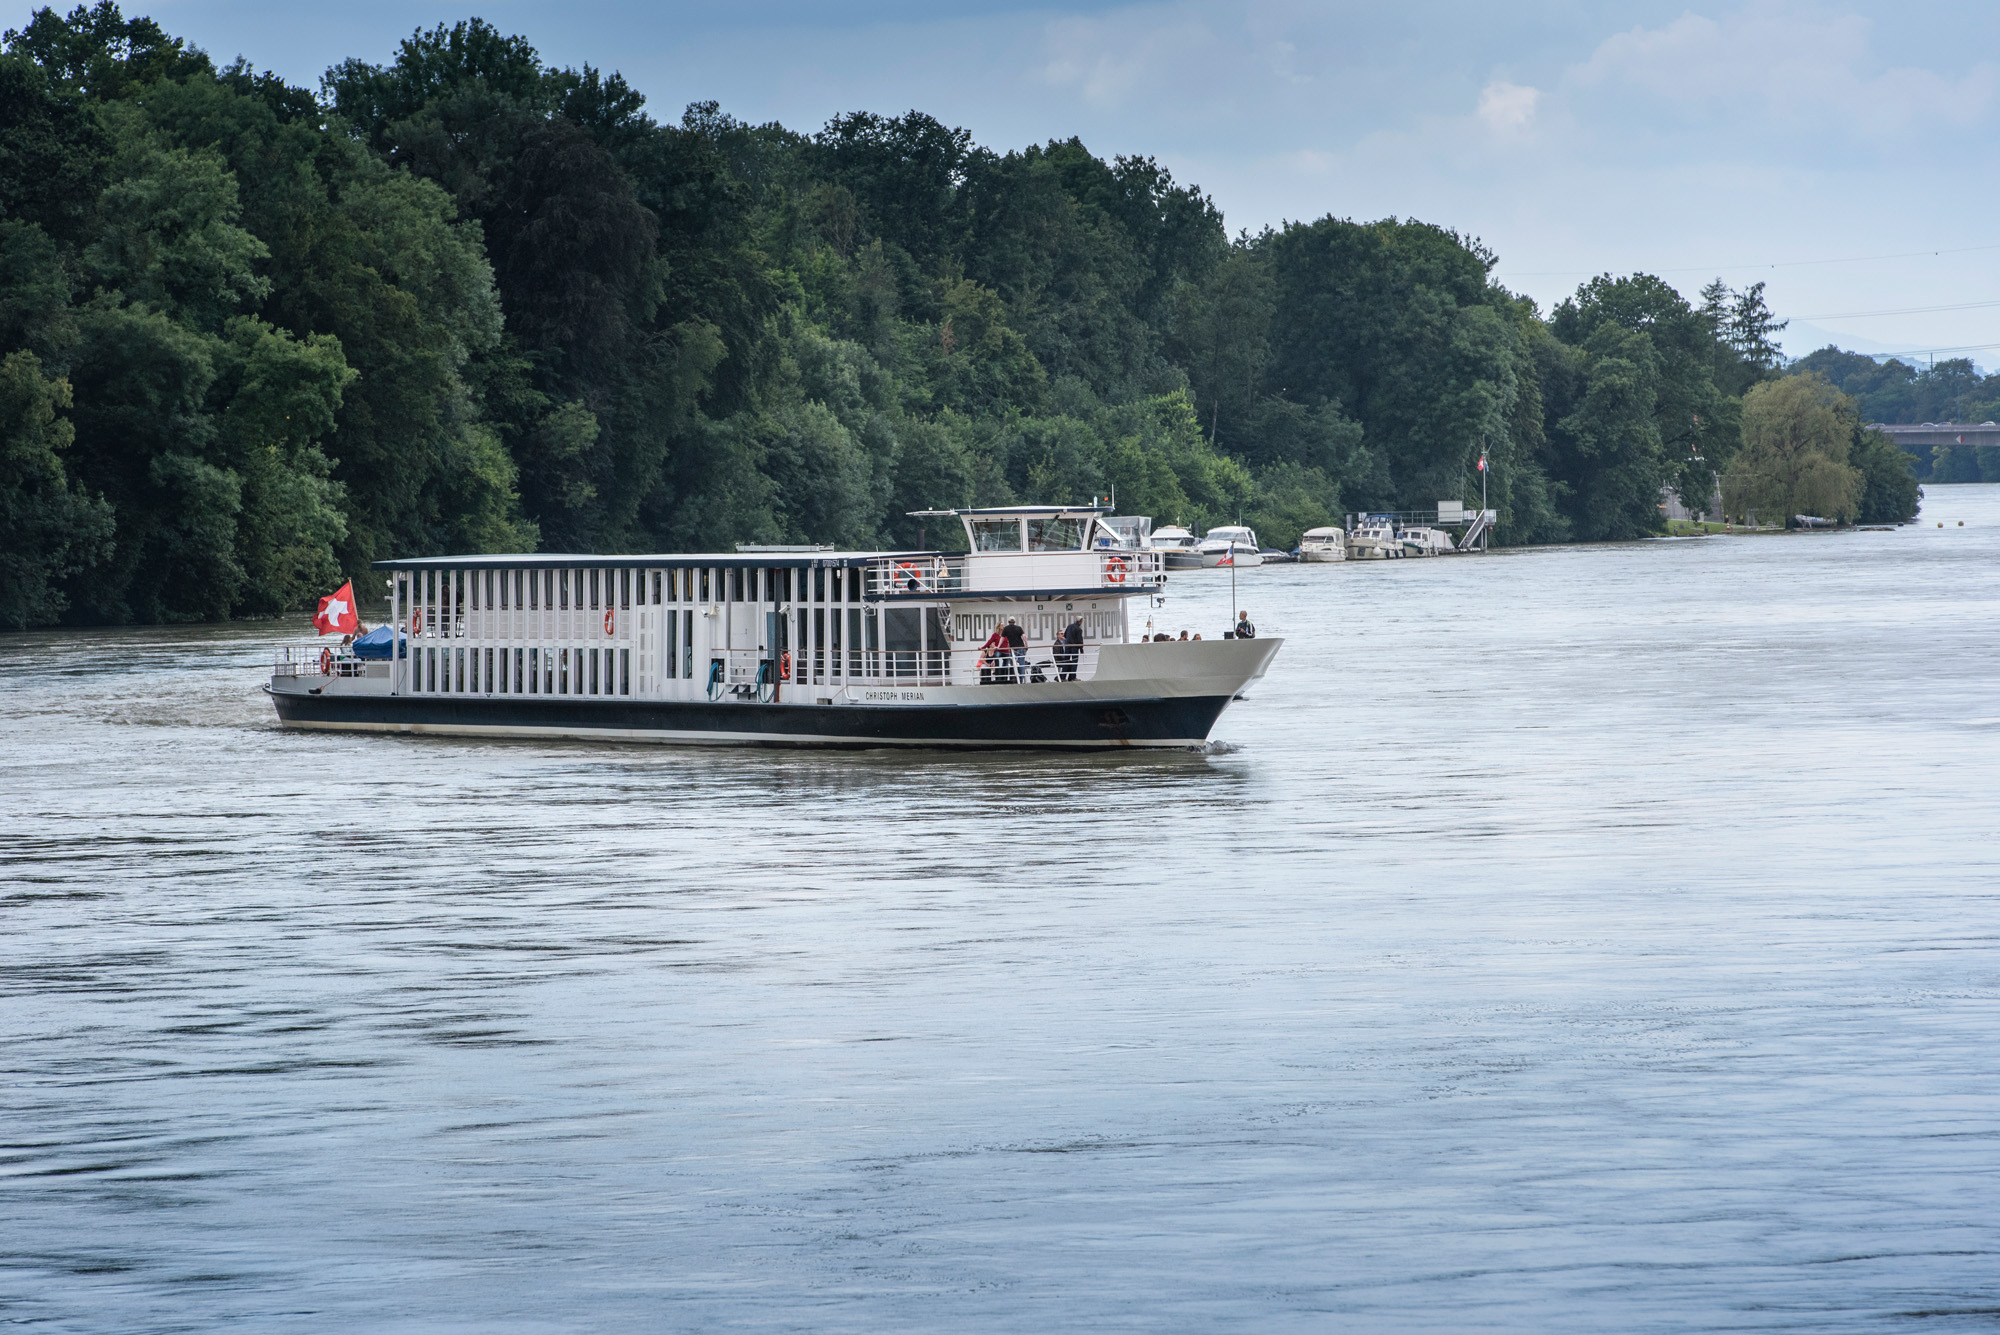 Kein schlechter Arbeitsplatz: Die MS Christoph Merian auf dem Rhein.